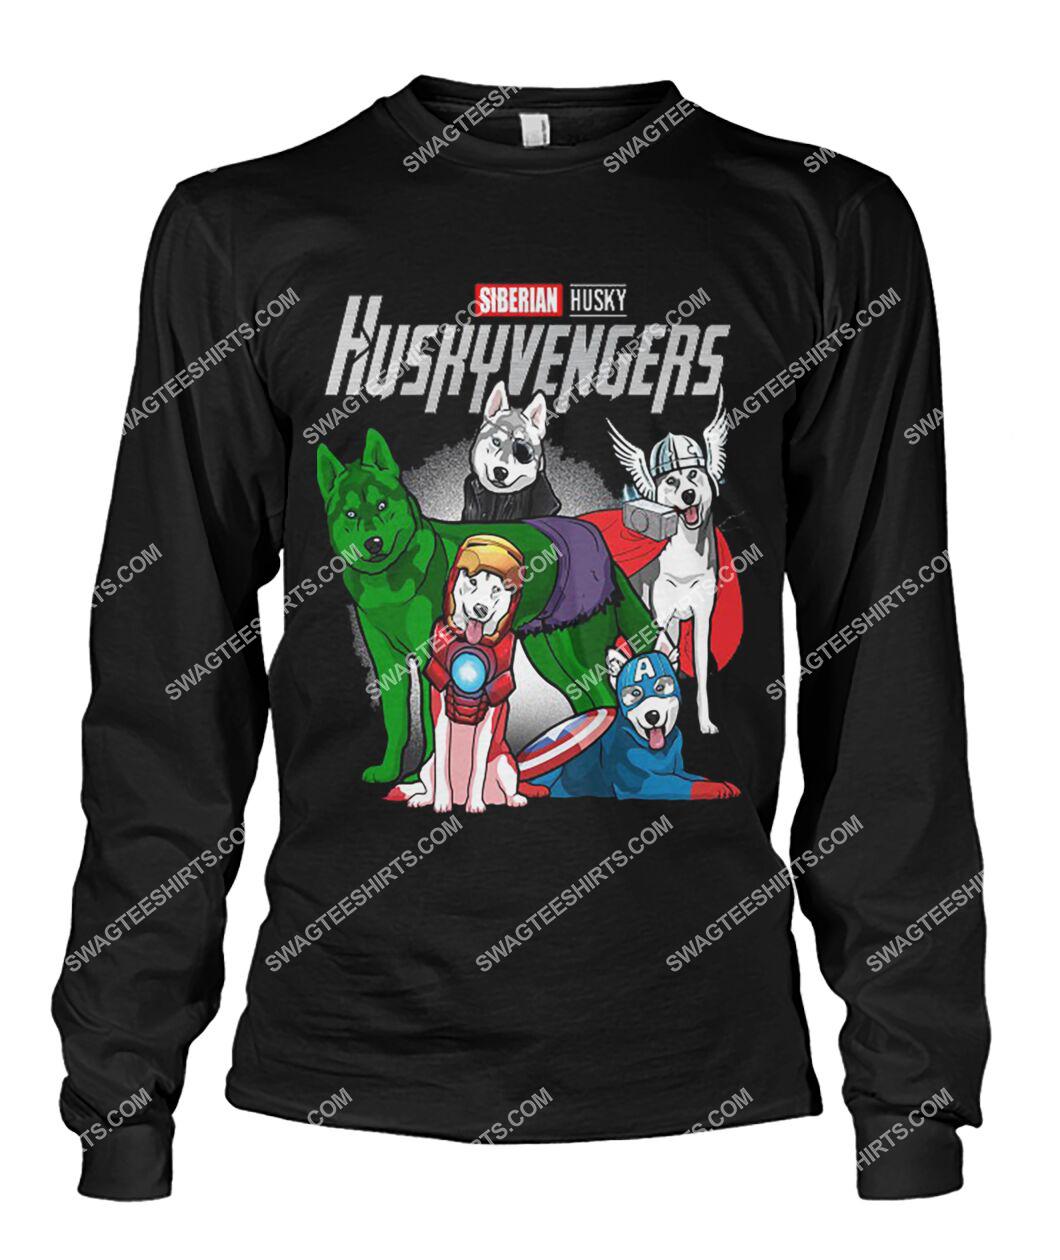 siberian husky huskyvengers marvel avengers dogs lover sweatshirt 1